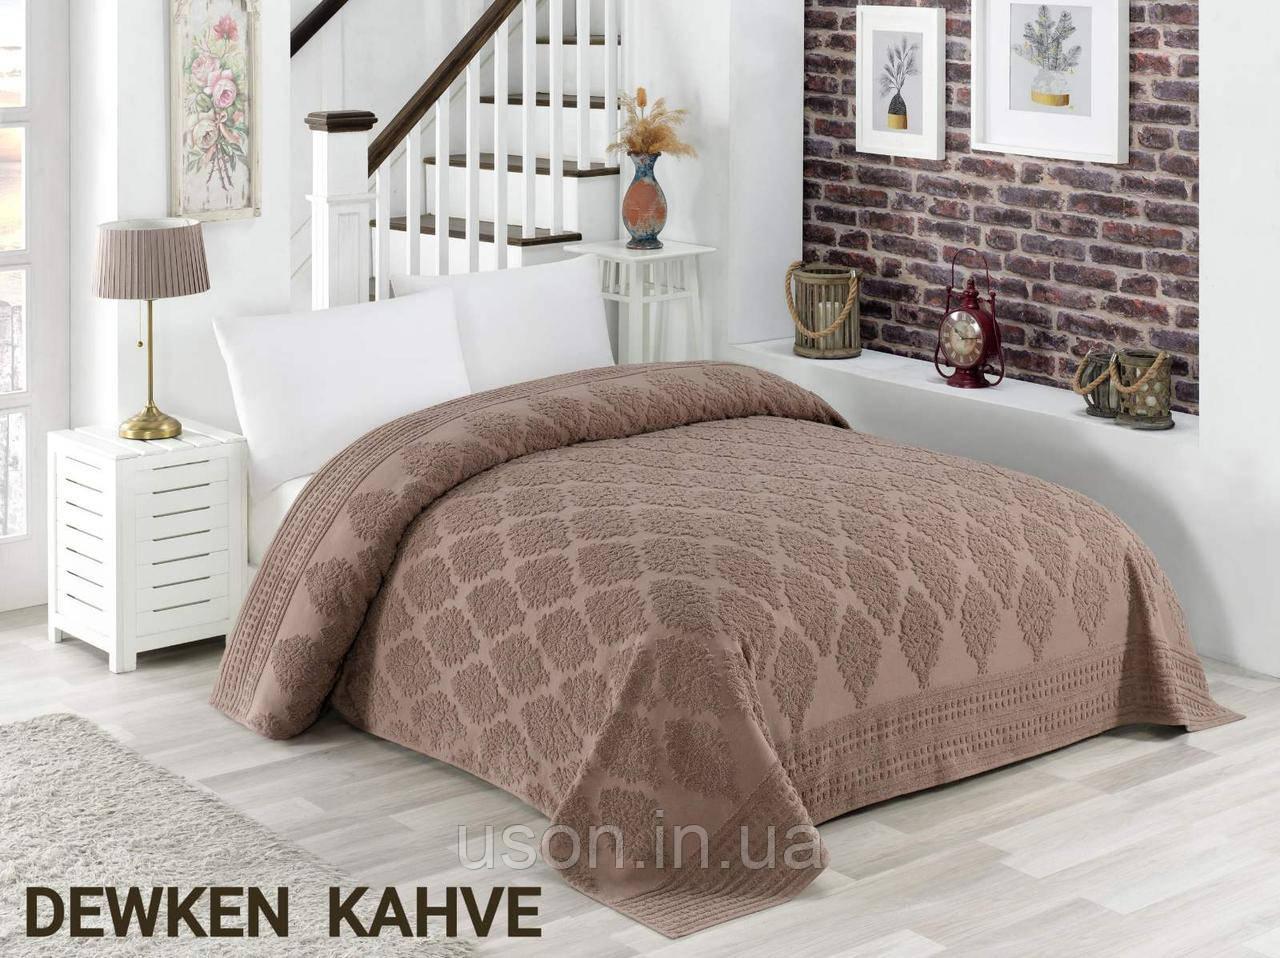 Турецкая махровая хлопковая простынь  Tм Zeron Dewken коричневая